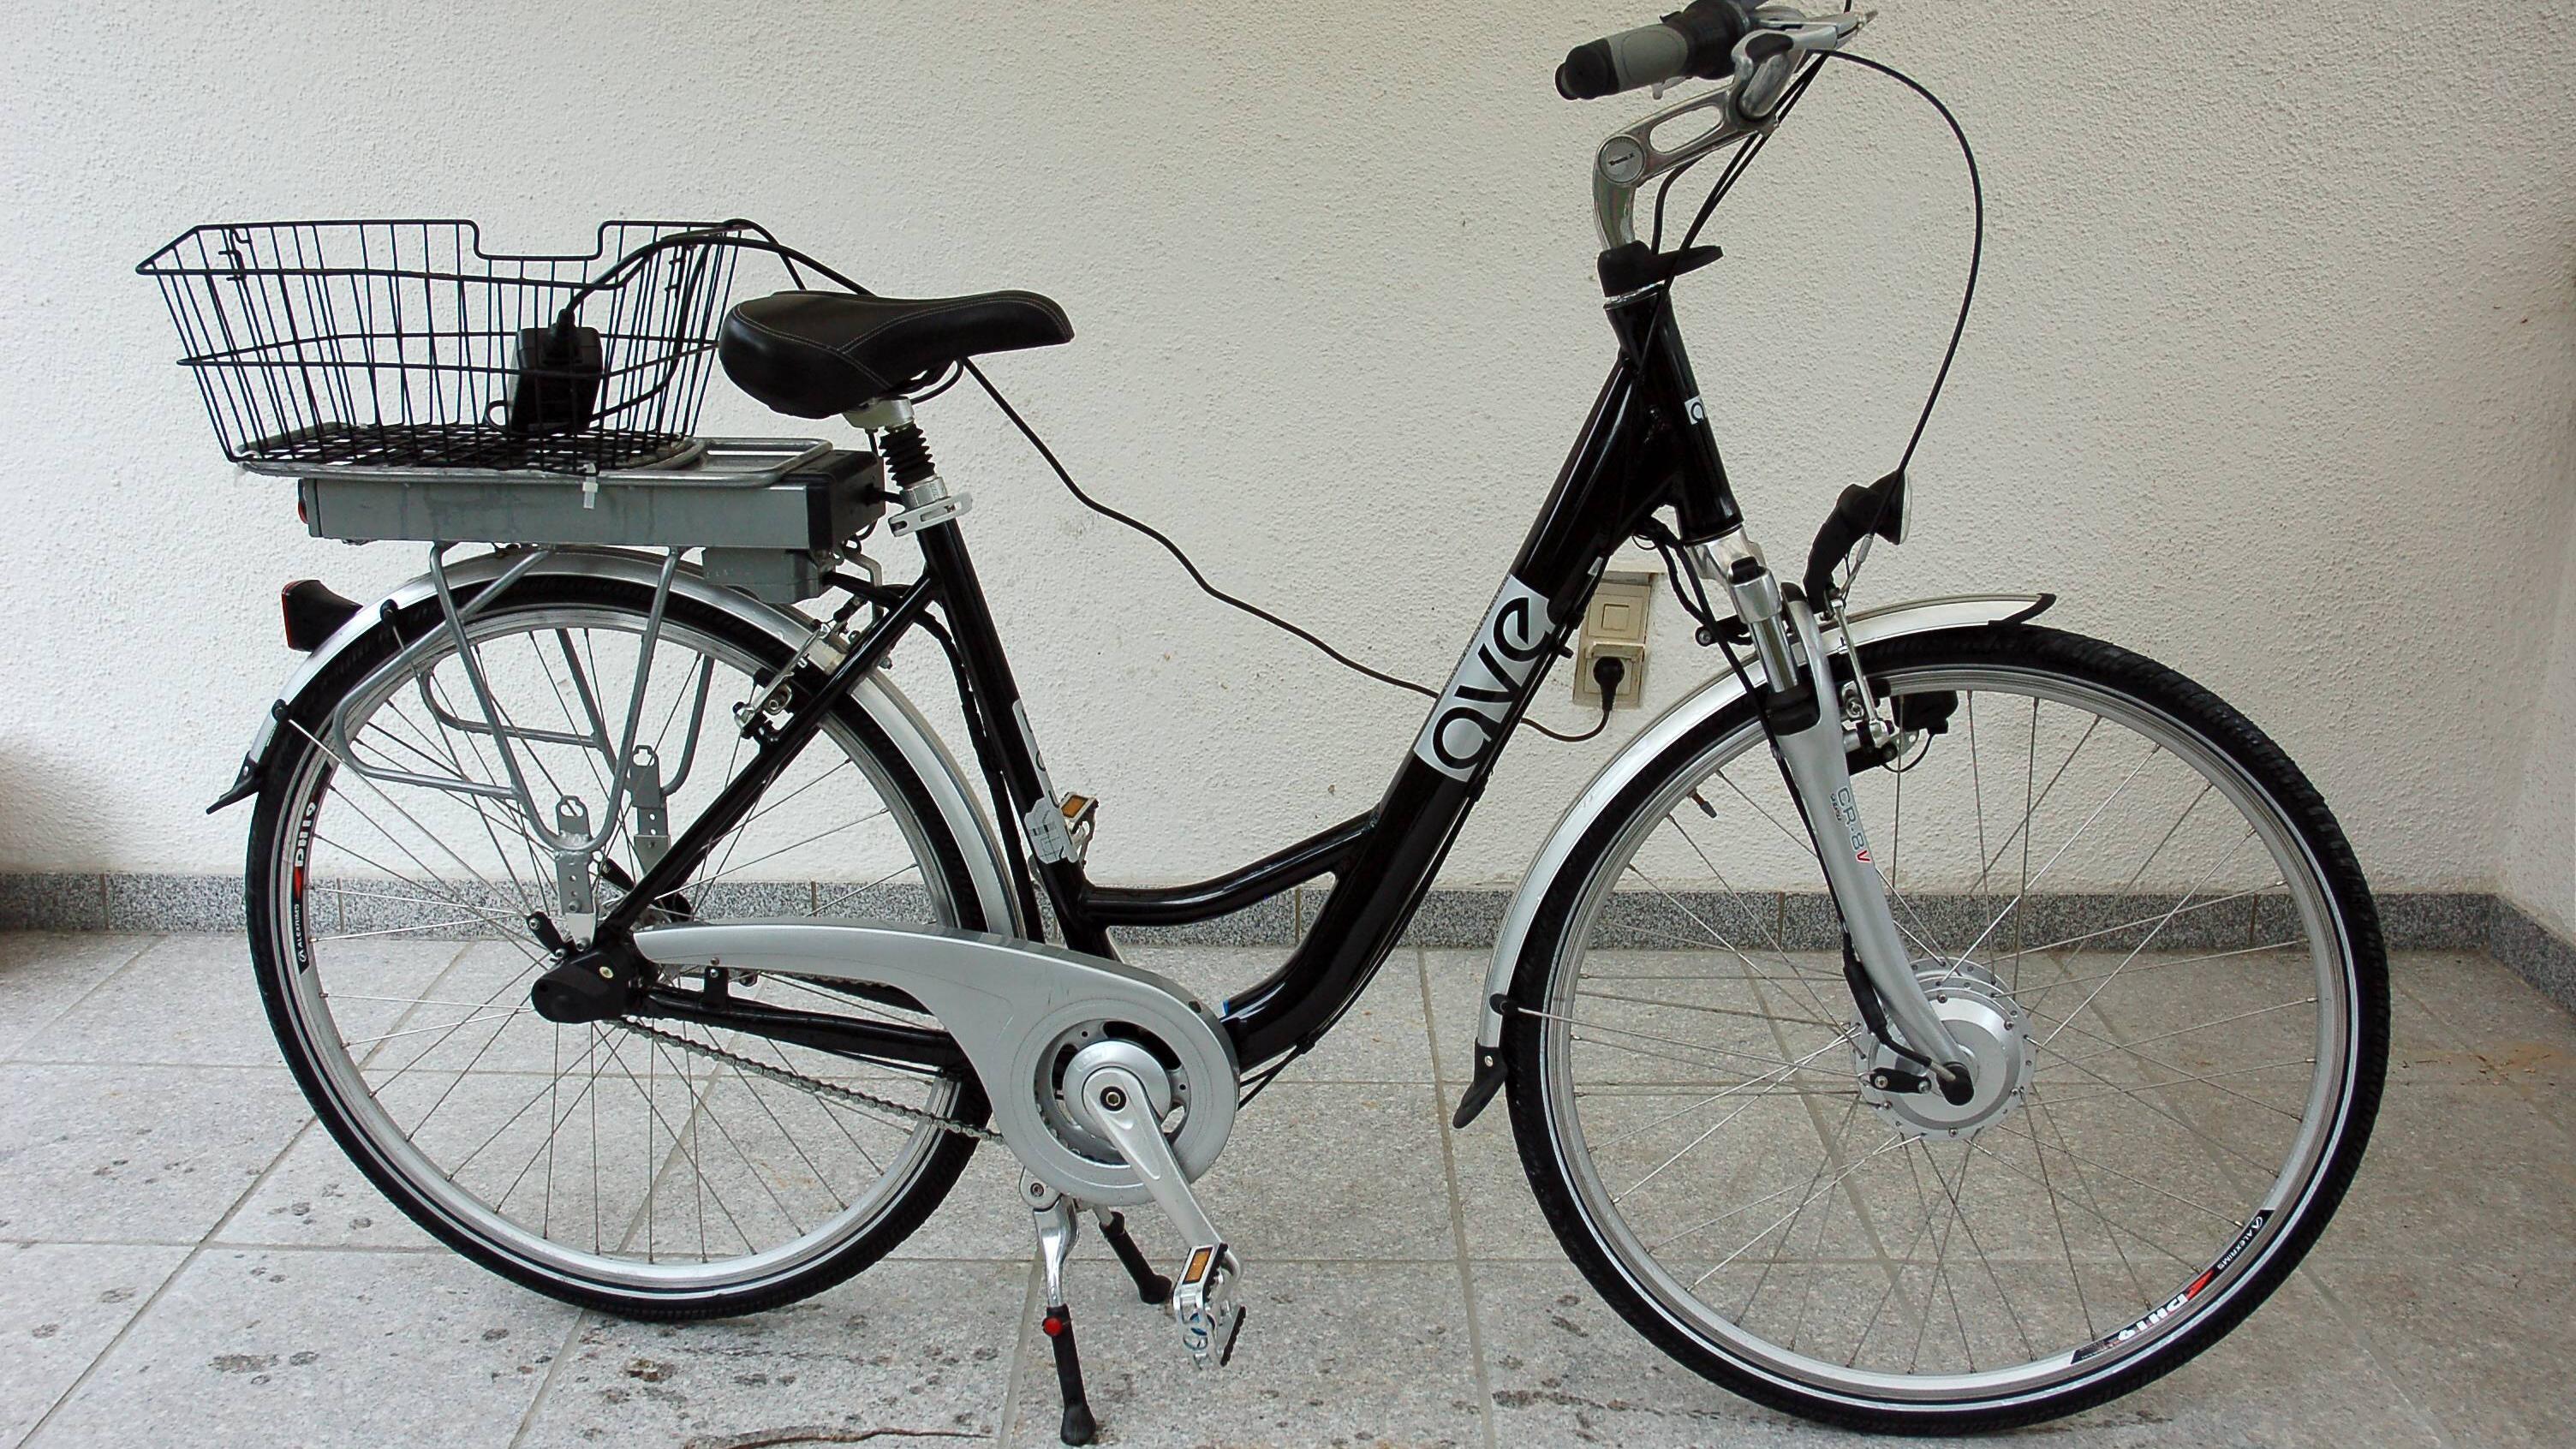 Fahrrad-Akku richtig lagern: Das sollten Sie beachten